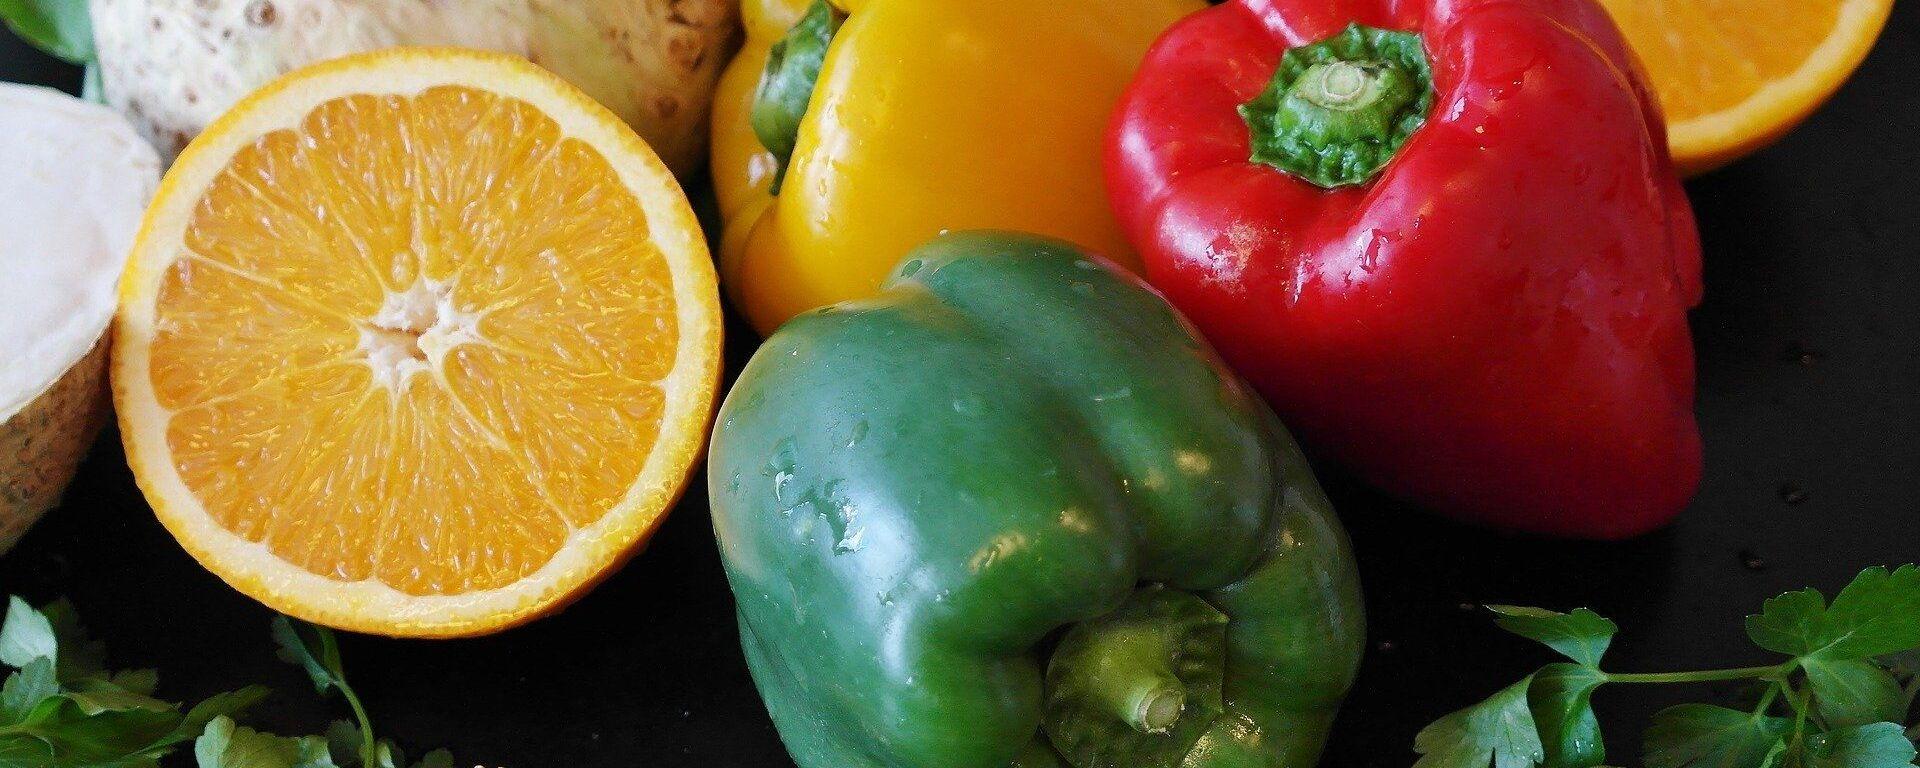 Frutas y verduras (imagen referencial) - Sputnik Mundo, 1920, 19.12.2020